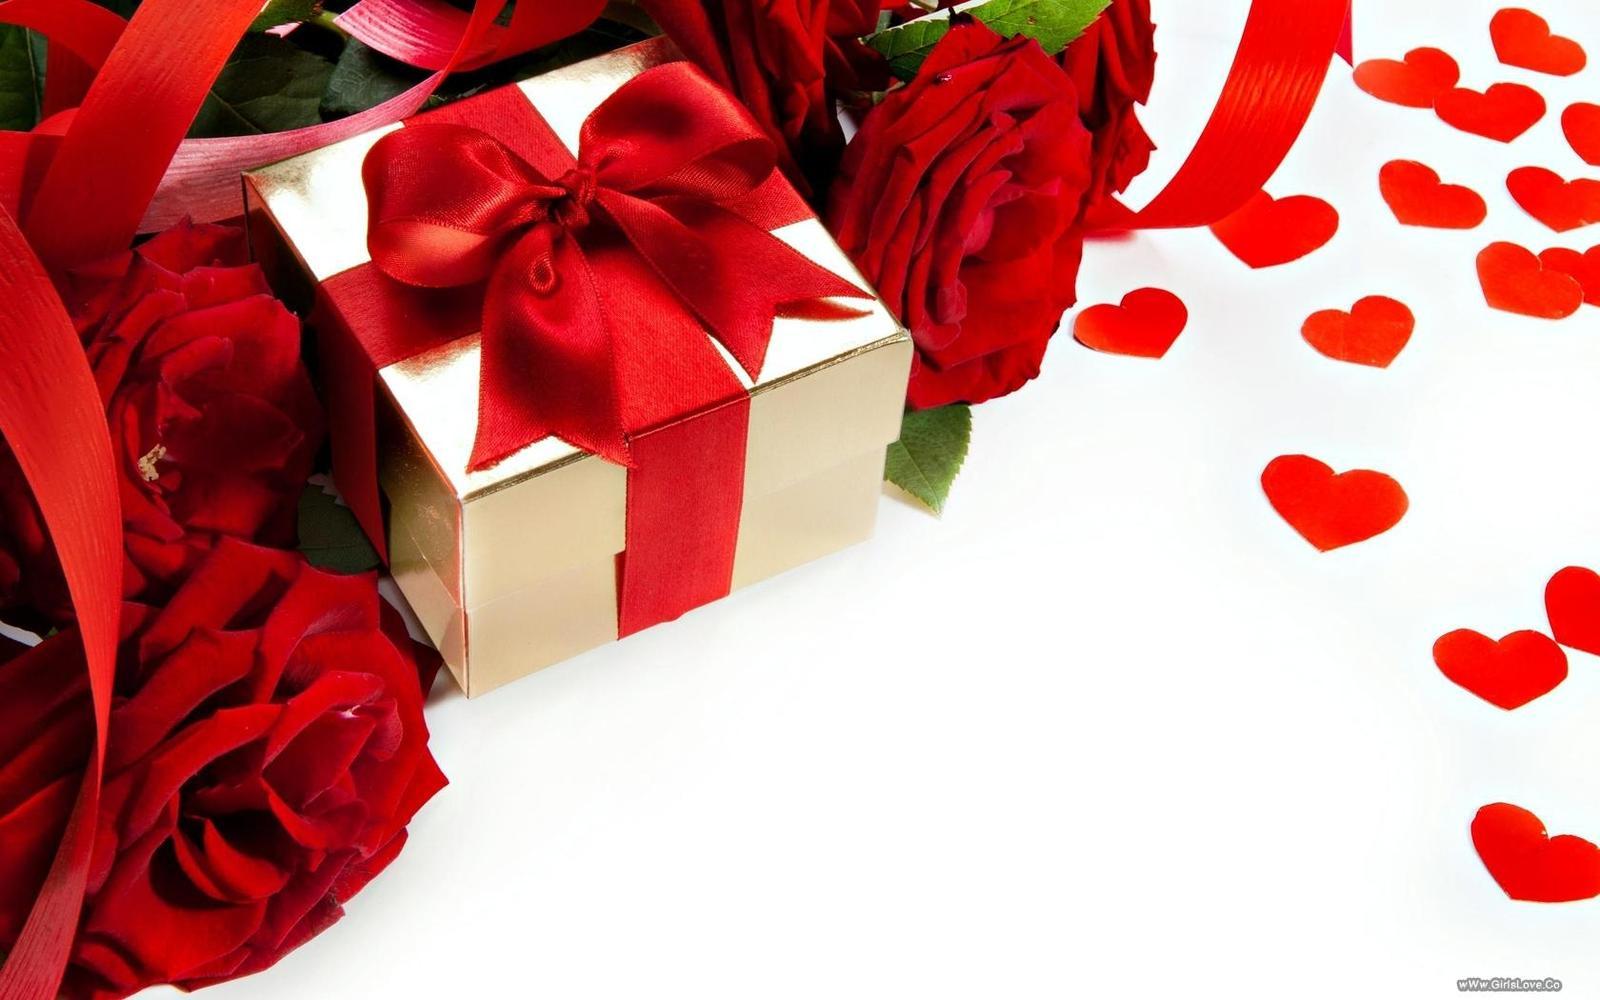 بالصور اجمل ورود الحب , اجمل باقات زهور الحب 978 15